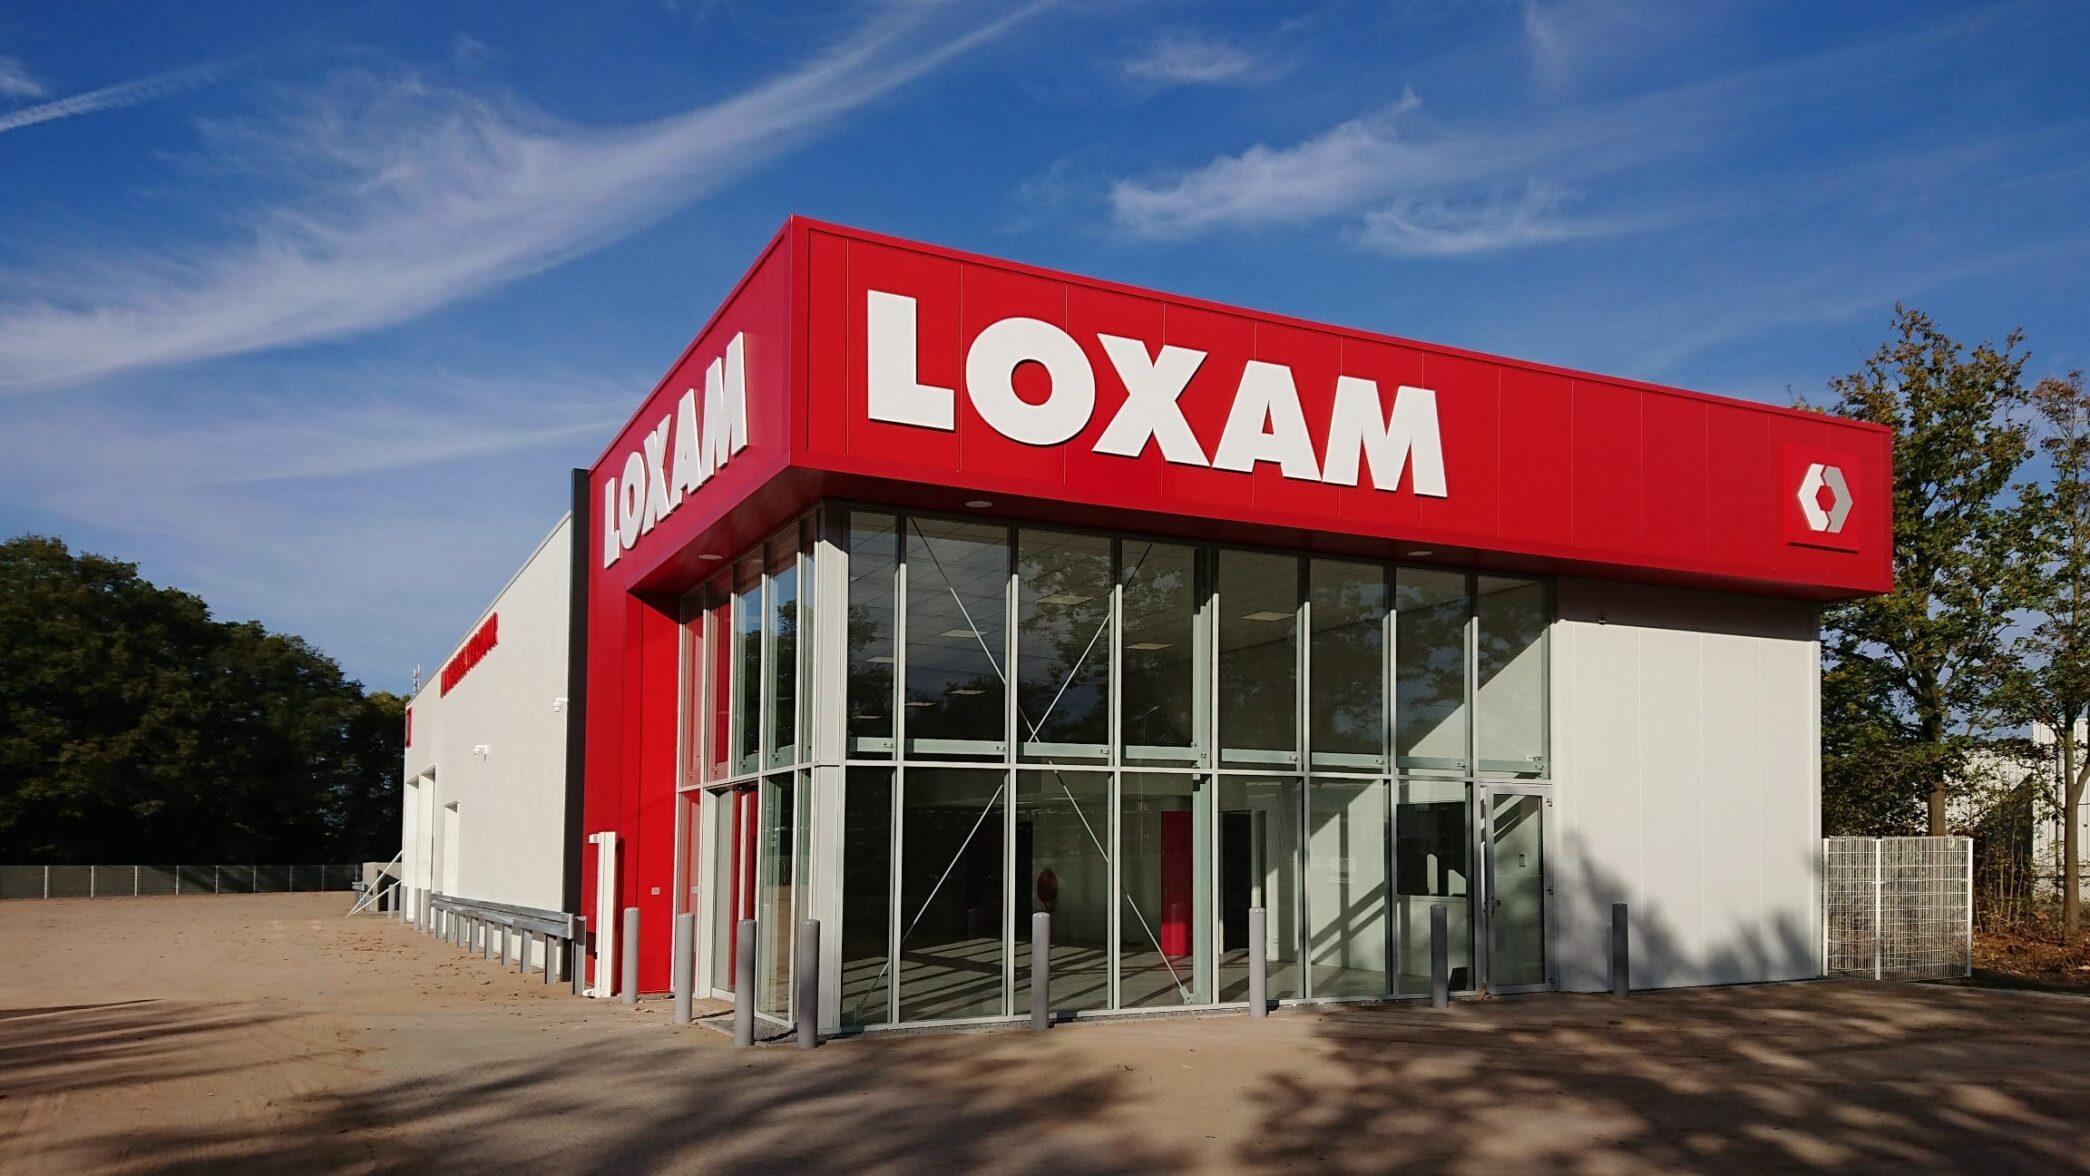 Nieuw bedrijfspand Loxam Enschede